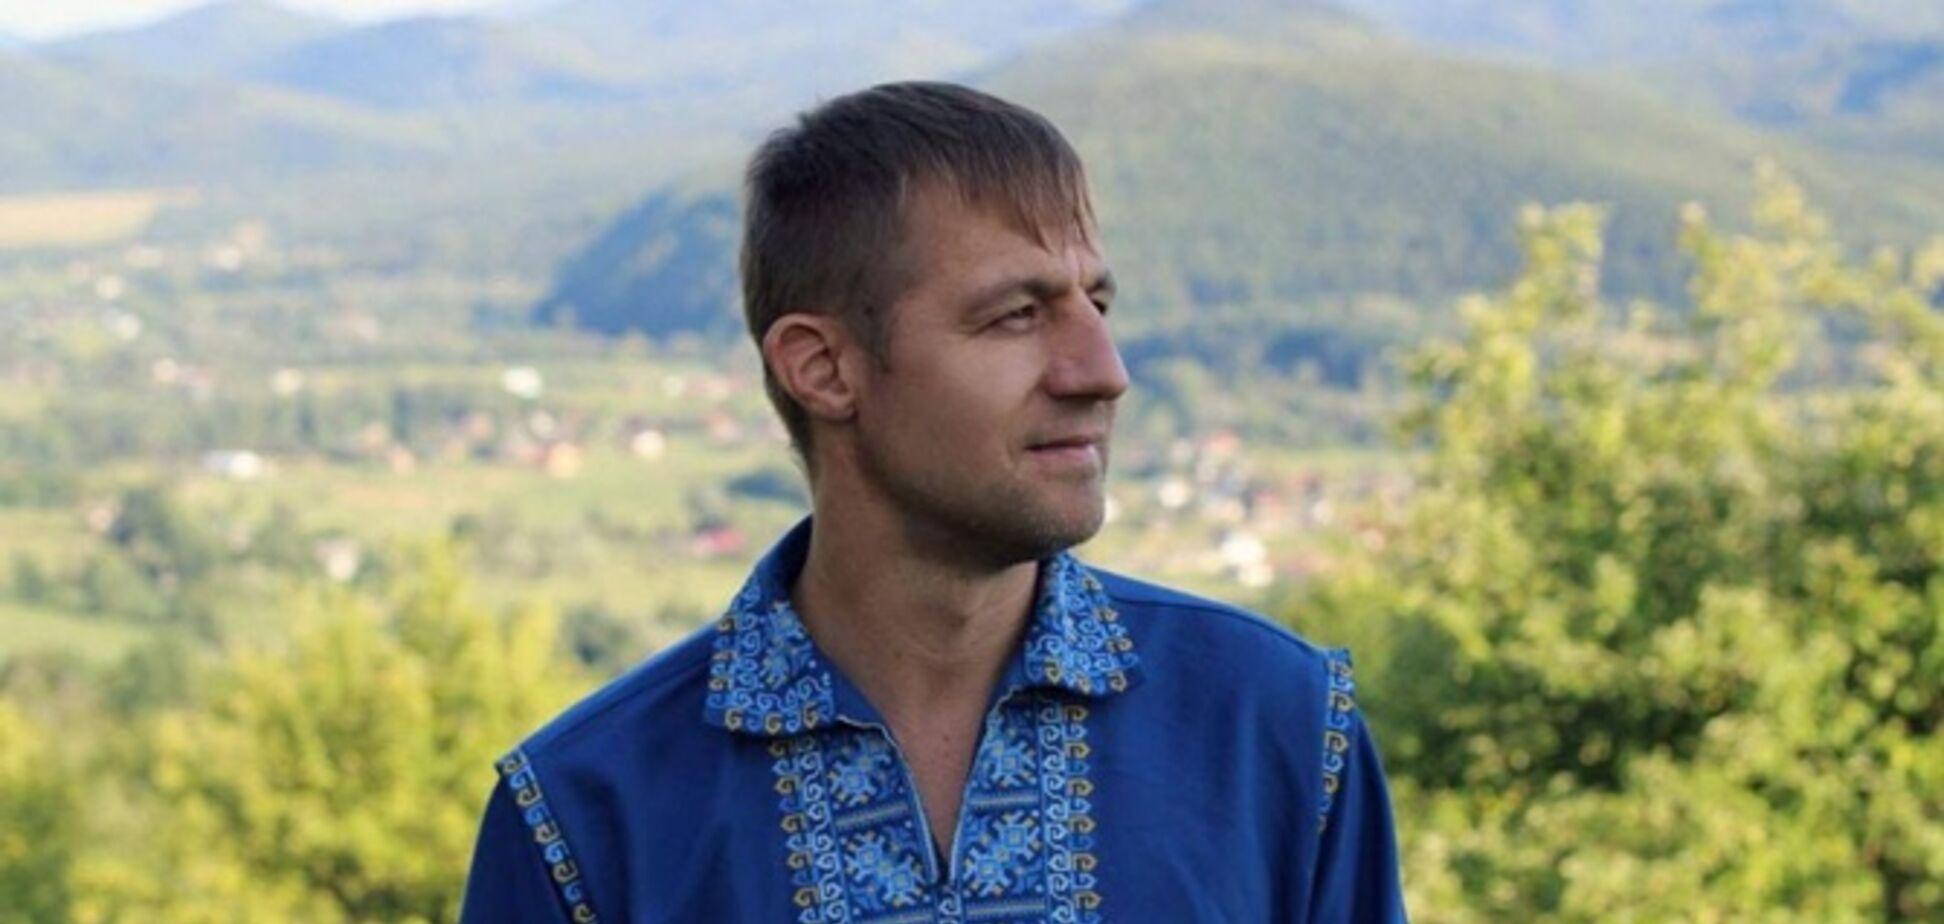 Гаврилюк рассказал, почему ему идеально подходит работа таксиста